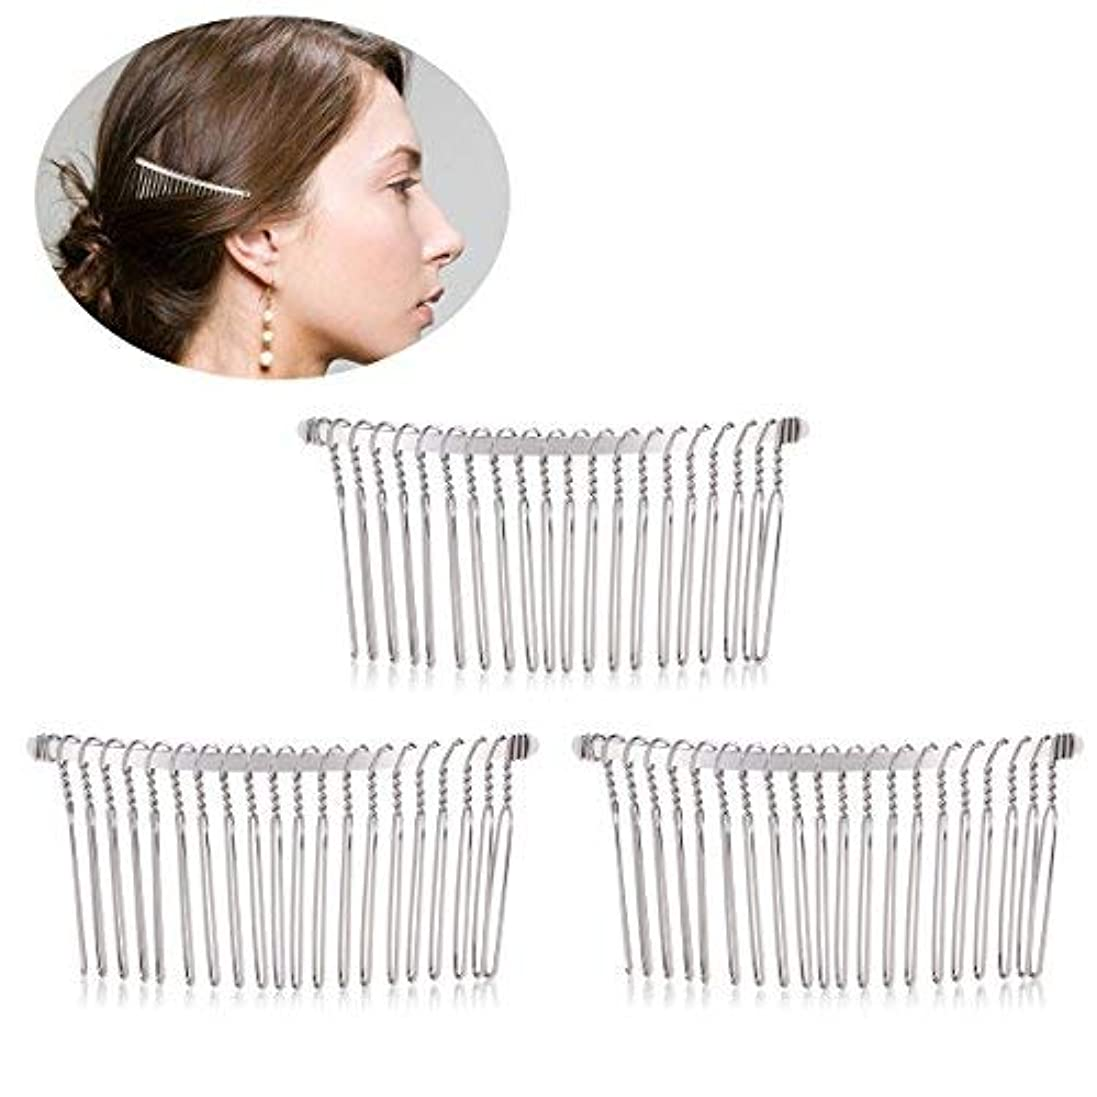 大胆な告白する枝Pixnor 3pcs 7.8cm 20 Teeth Fancy DIY Metal Wire Hair Clip Combs Bridal Wedding Veil Combs (Silver) [並行輸入品]